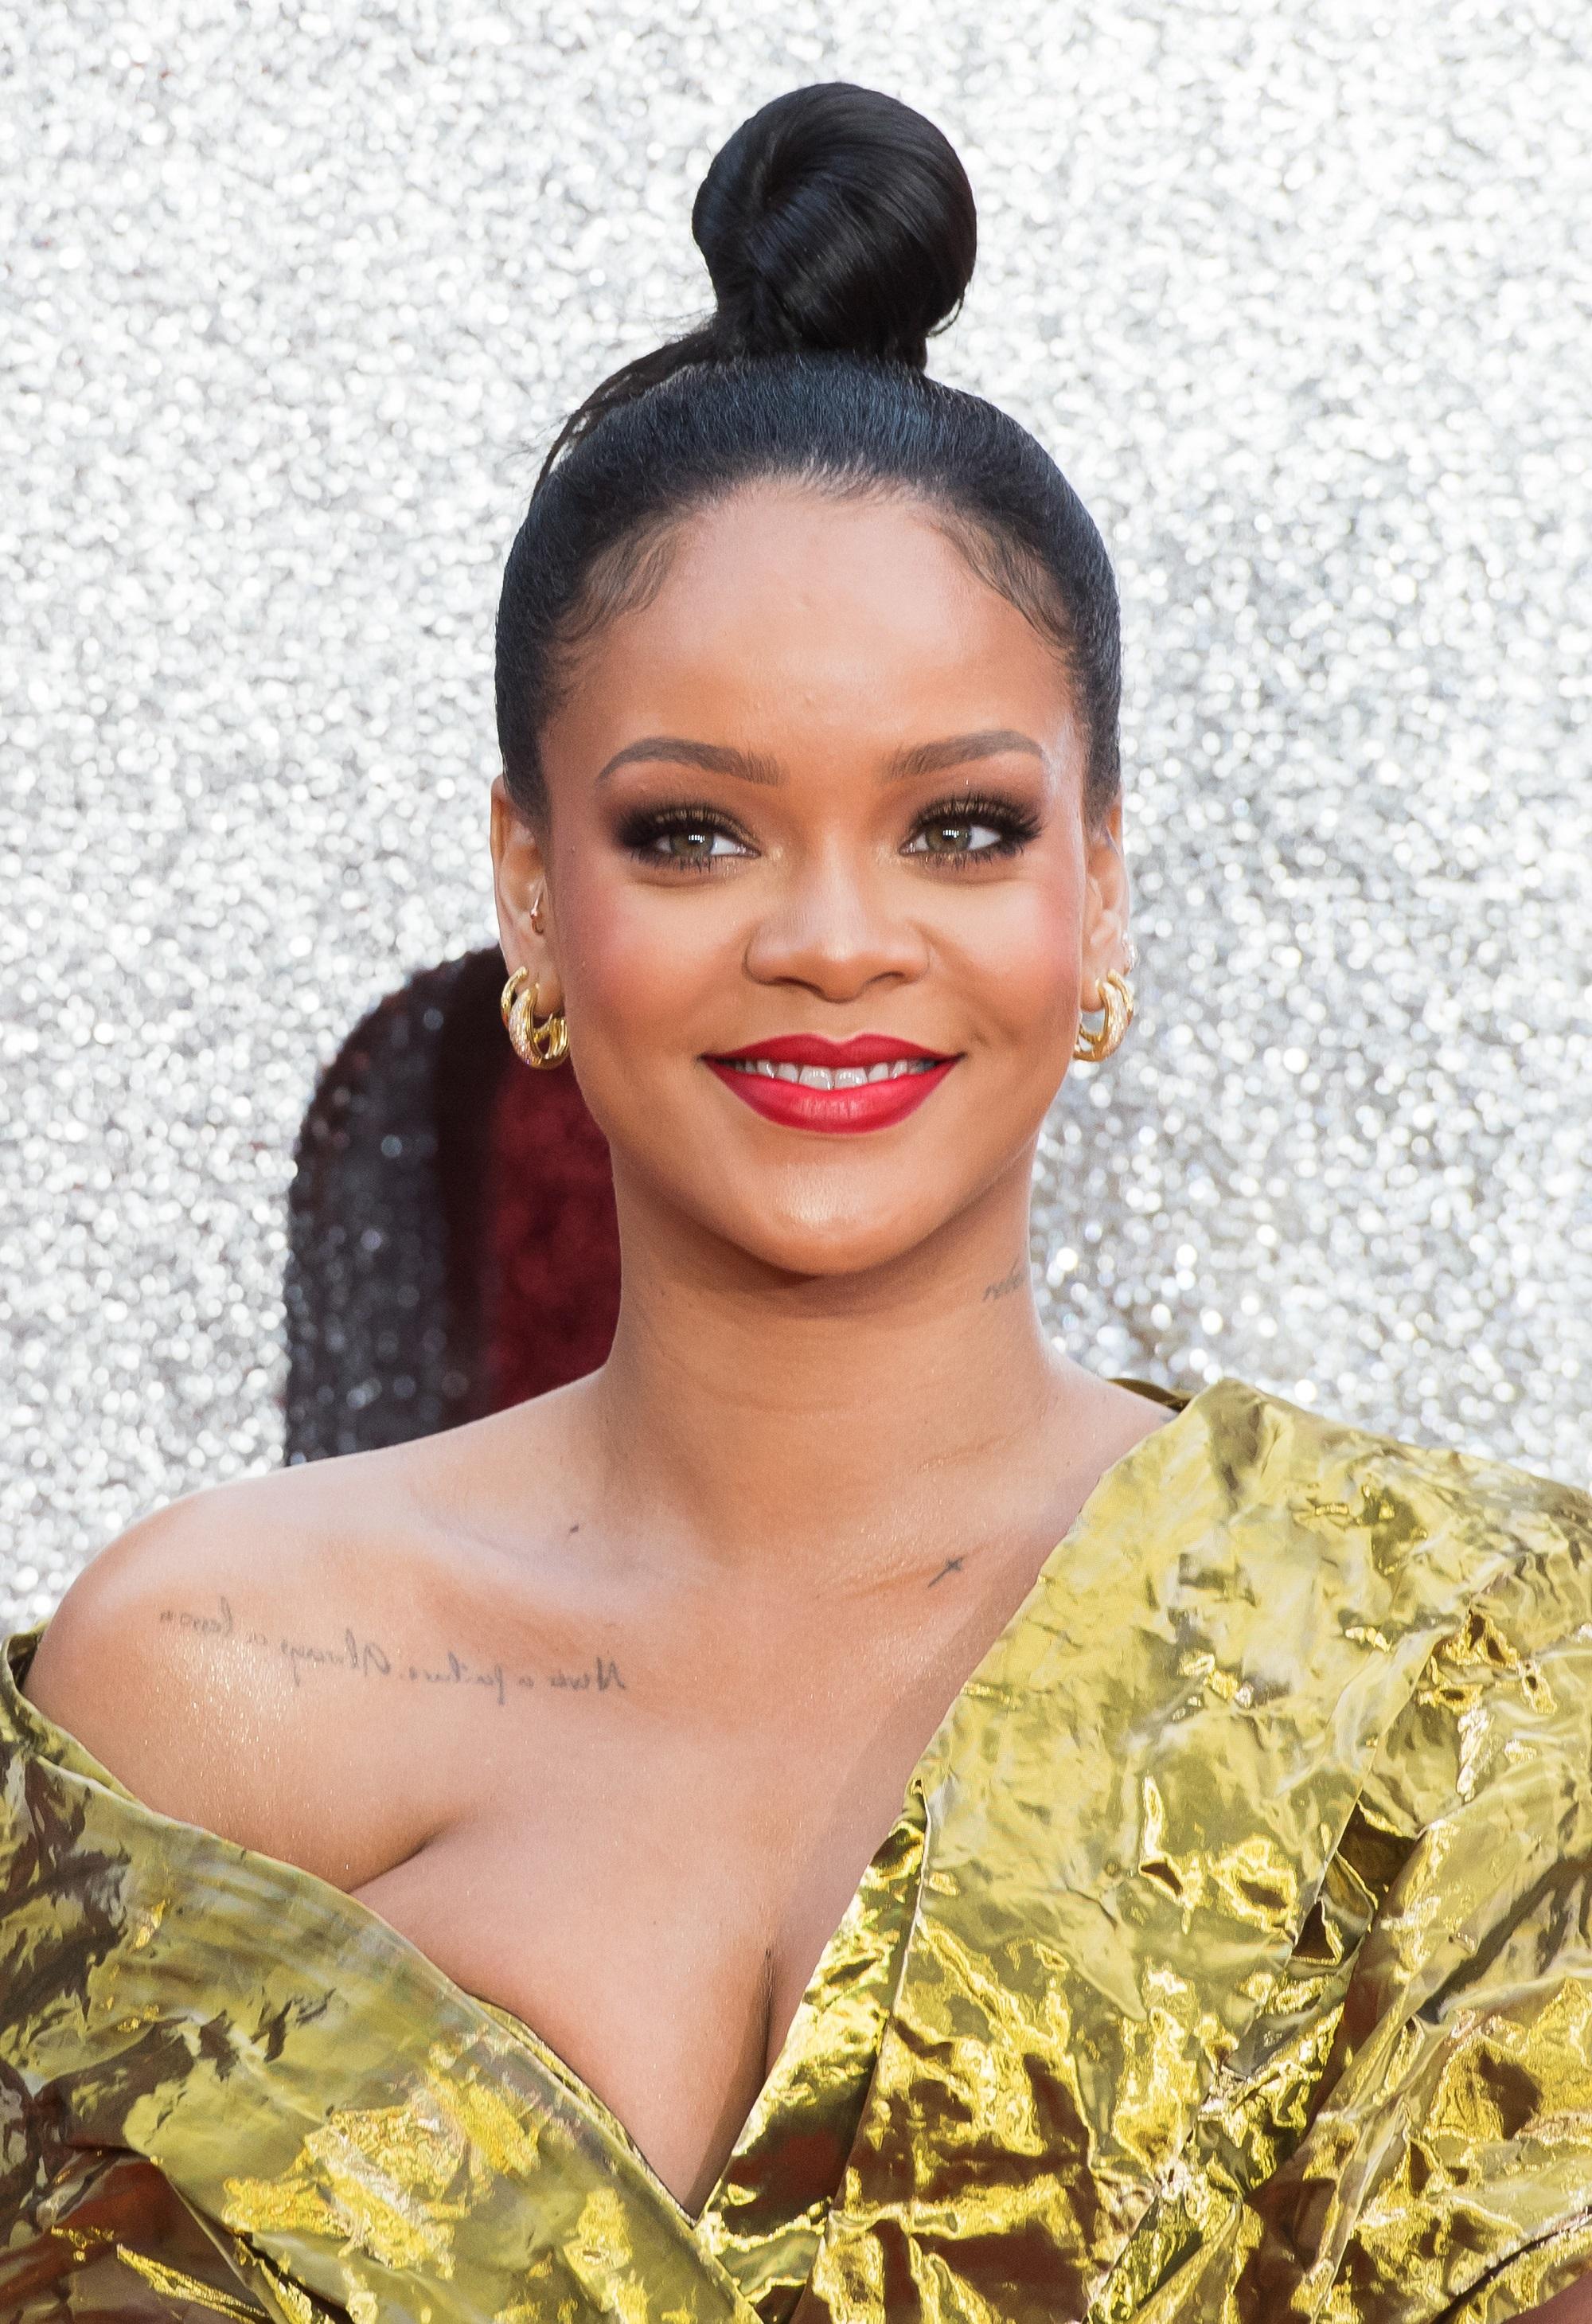 Chignon Haut Coiffure Rihanna Toutes Ses Coupes En Images Elle